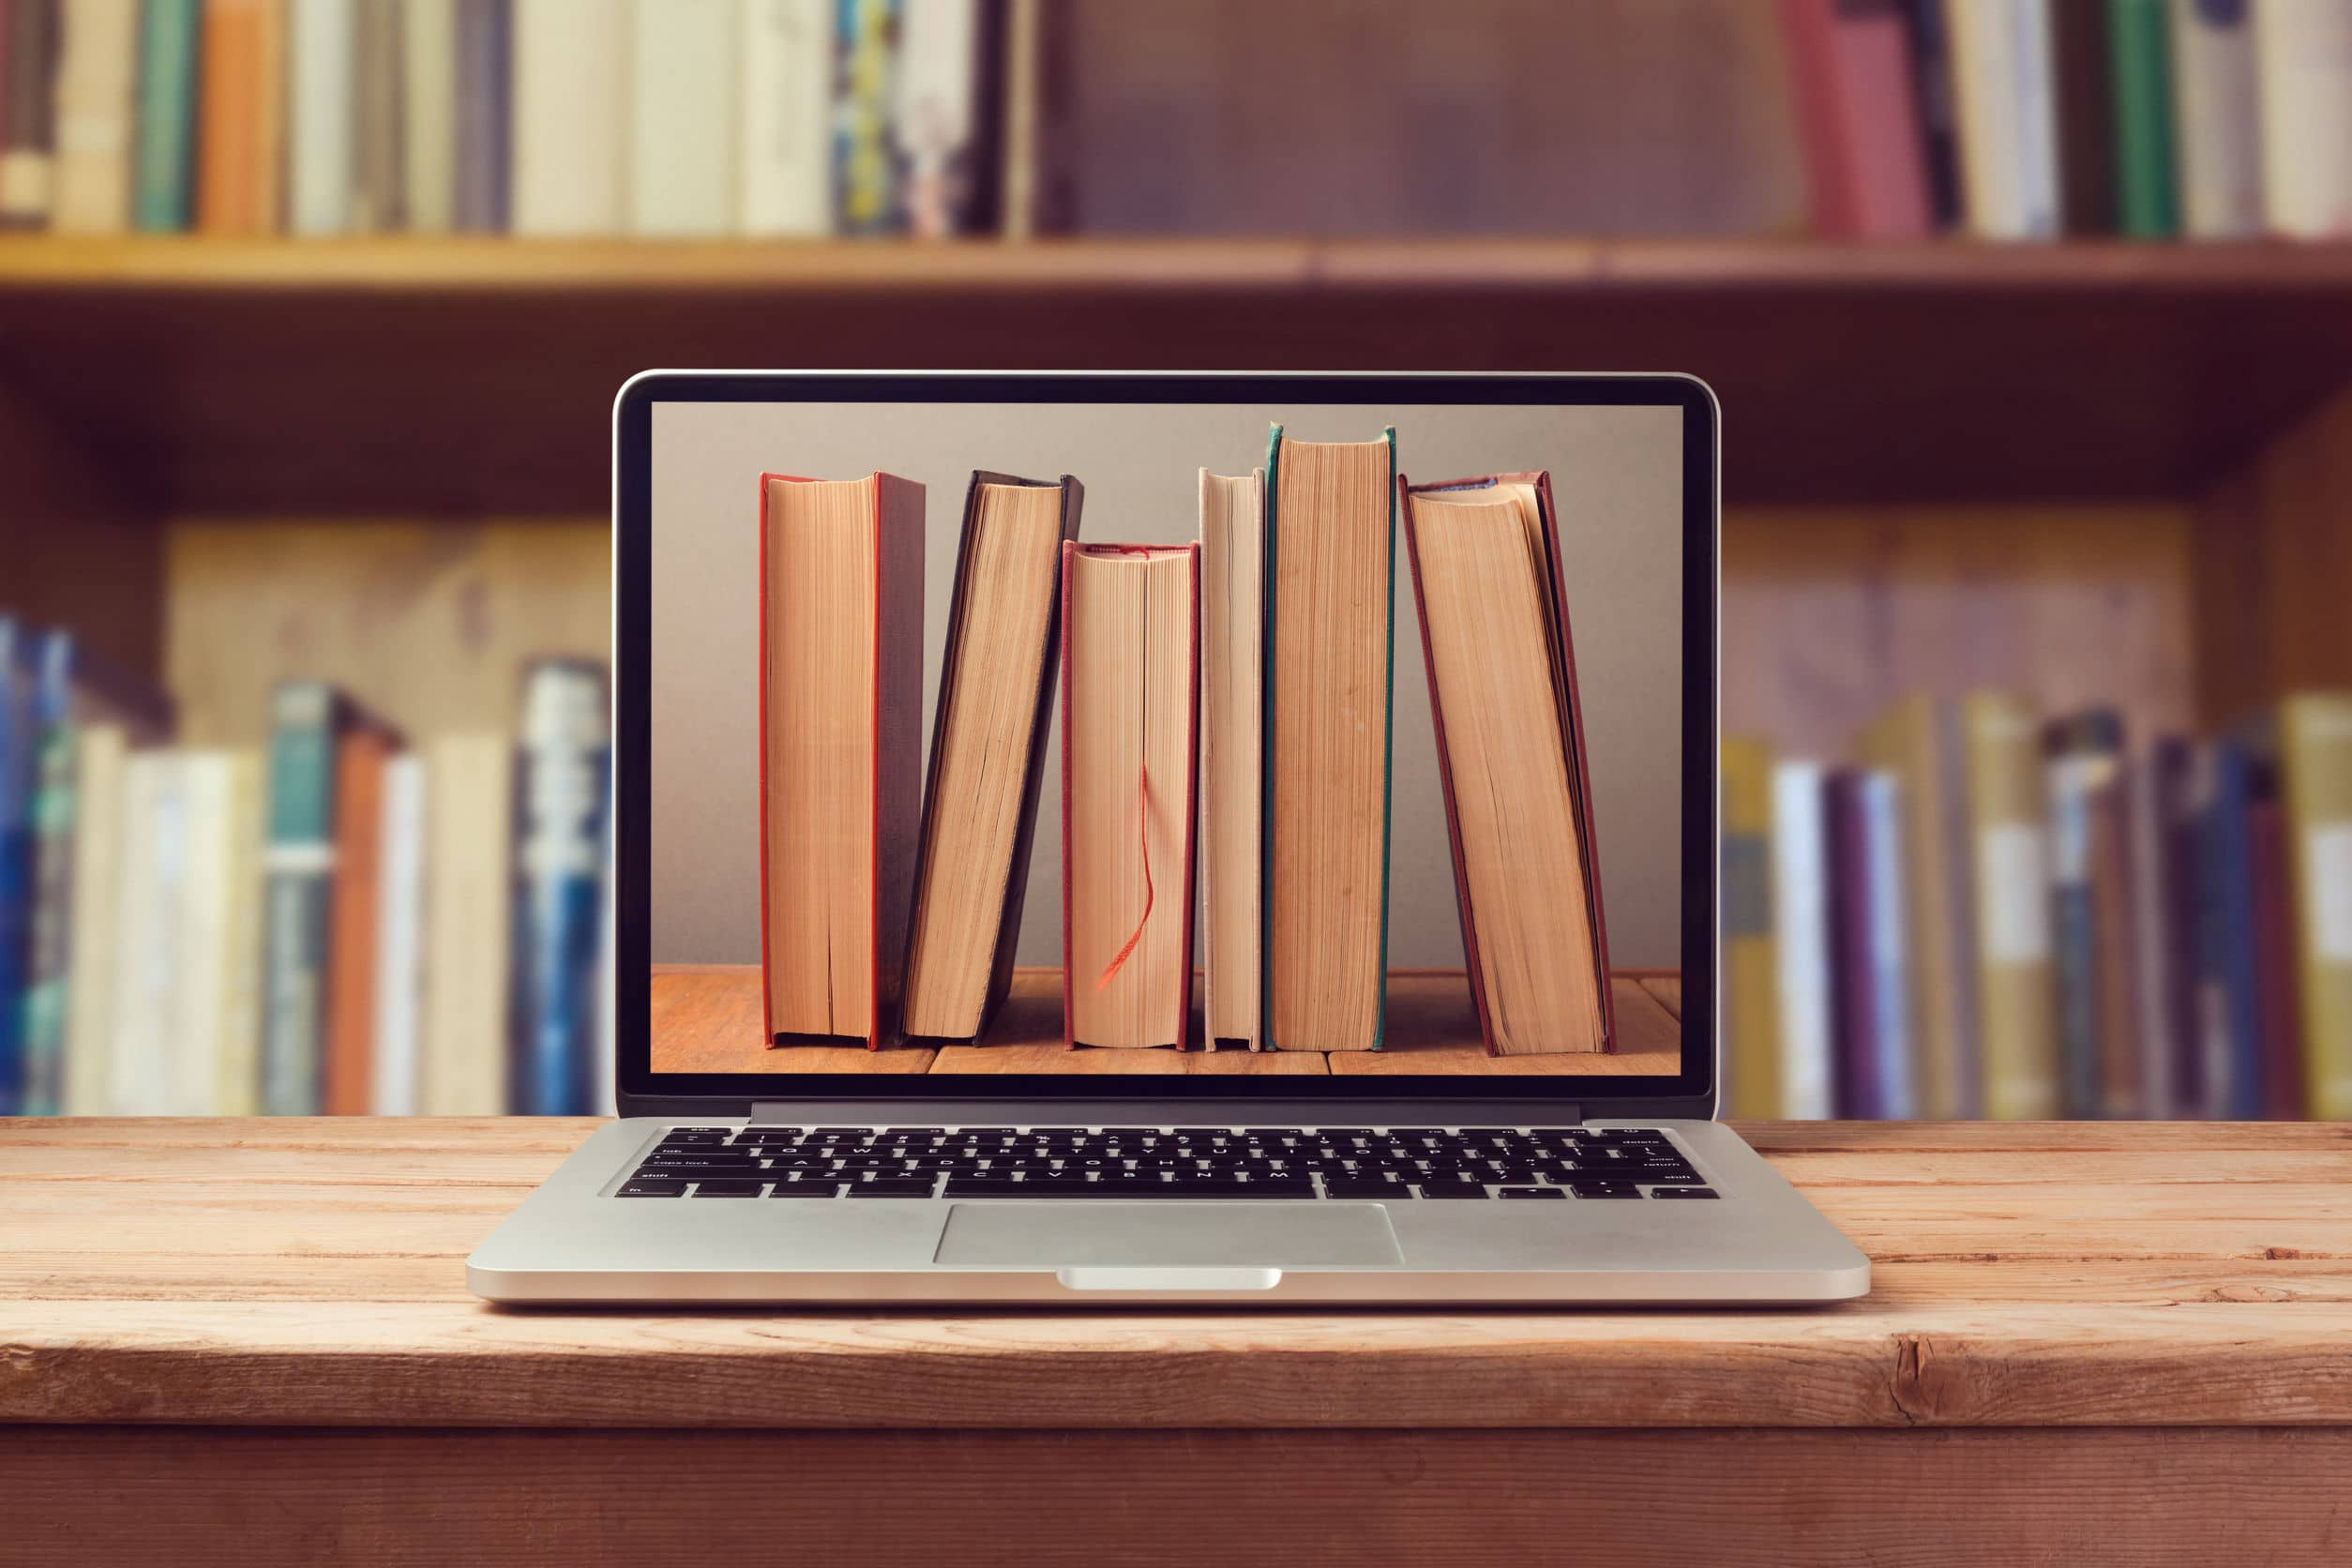 Notebook com imagem de livros. Conceito de e-book.